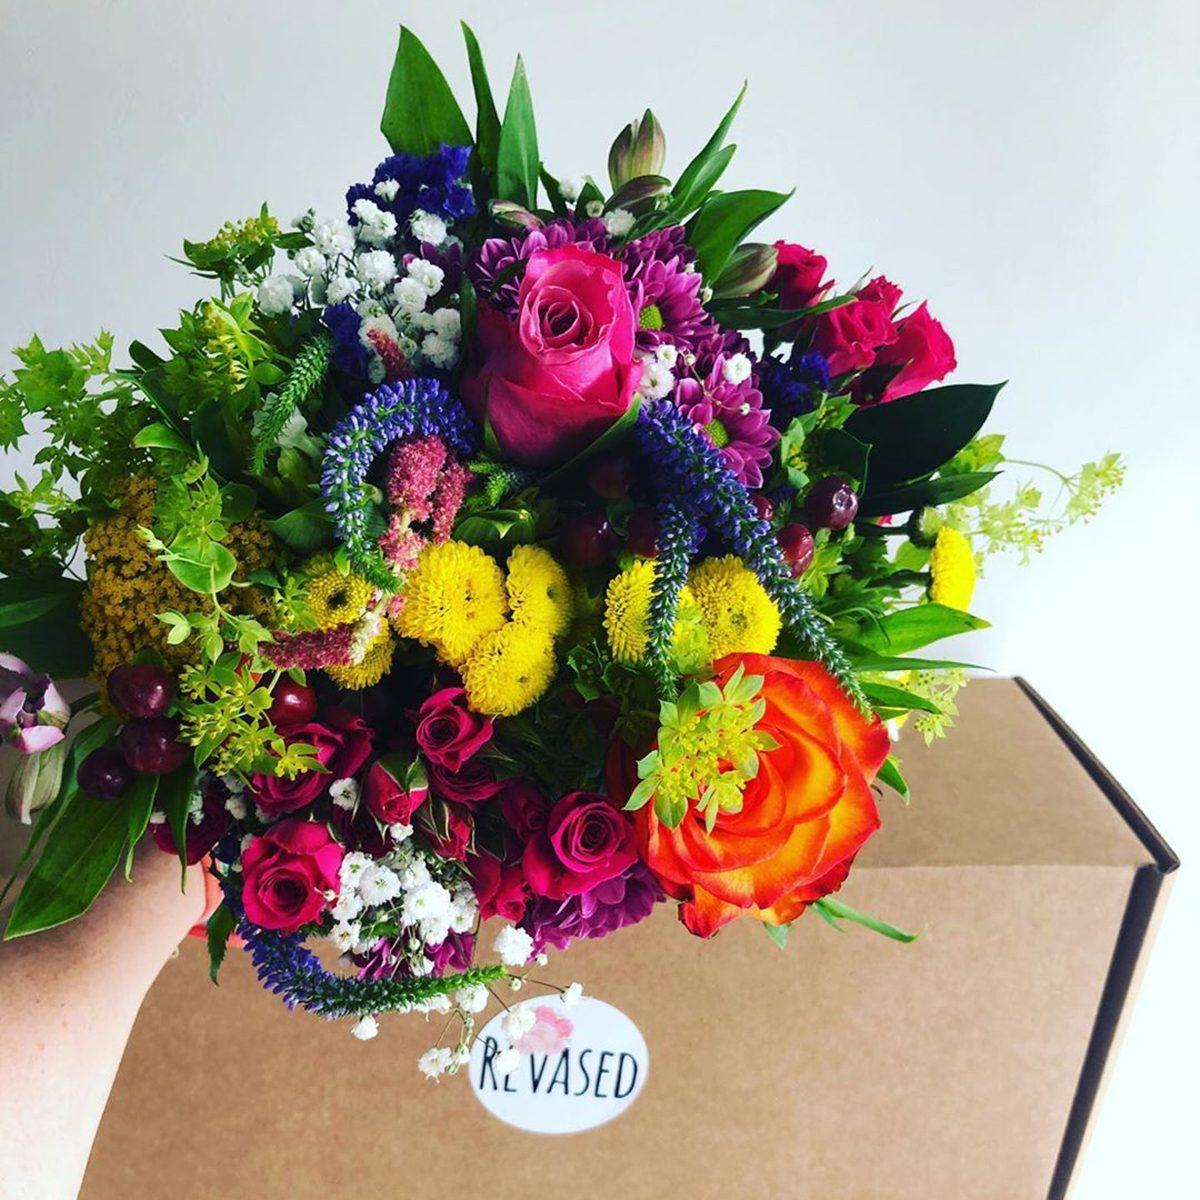 Revased bouquet